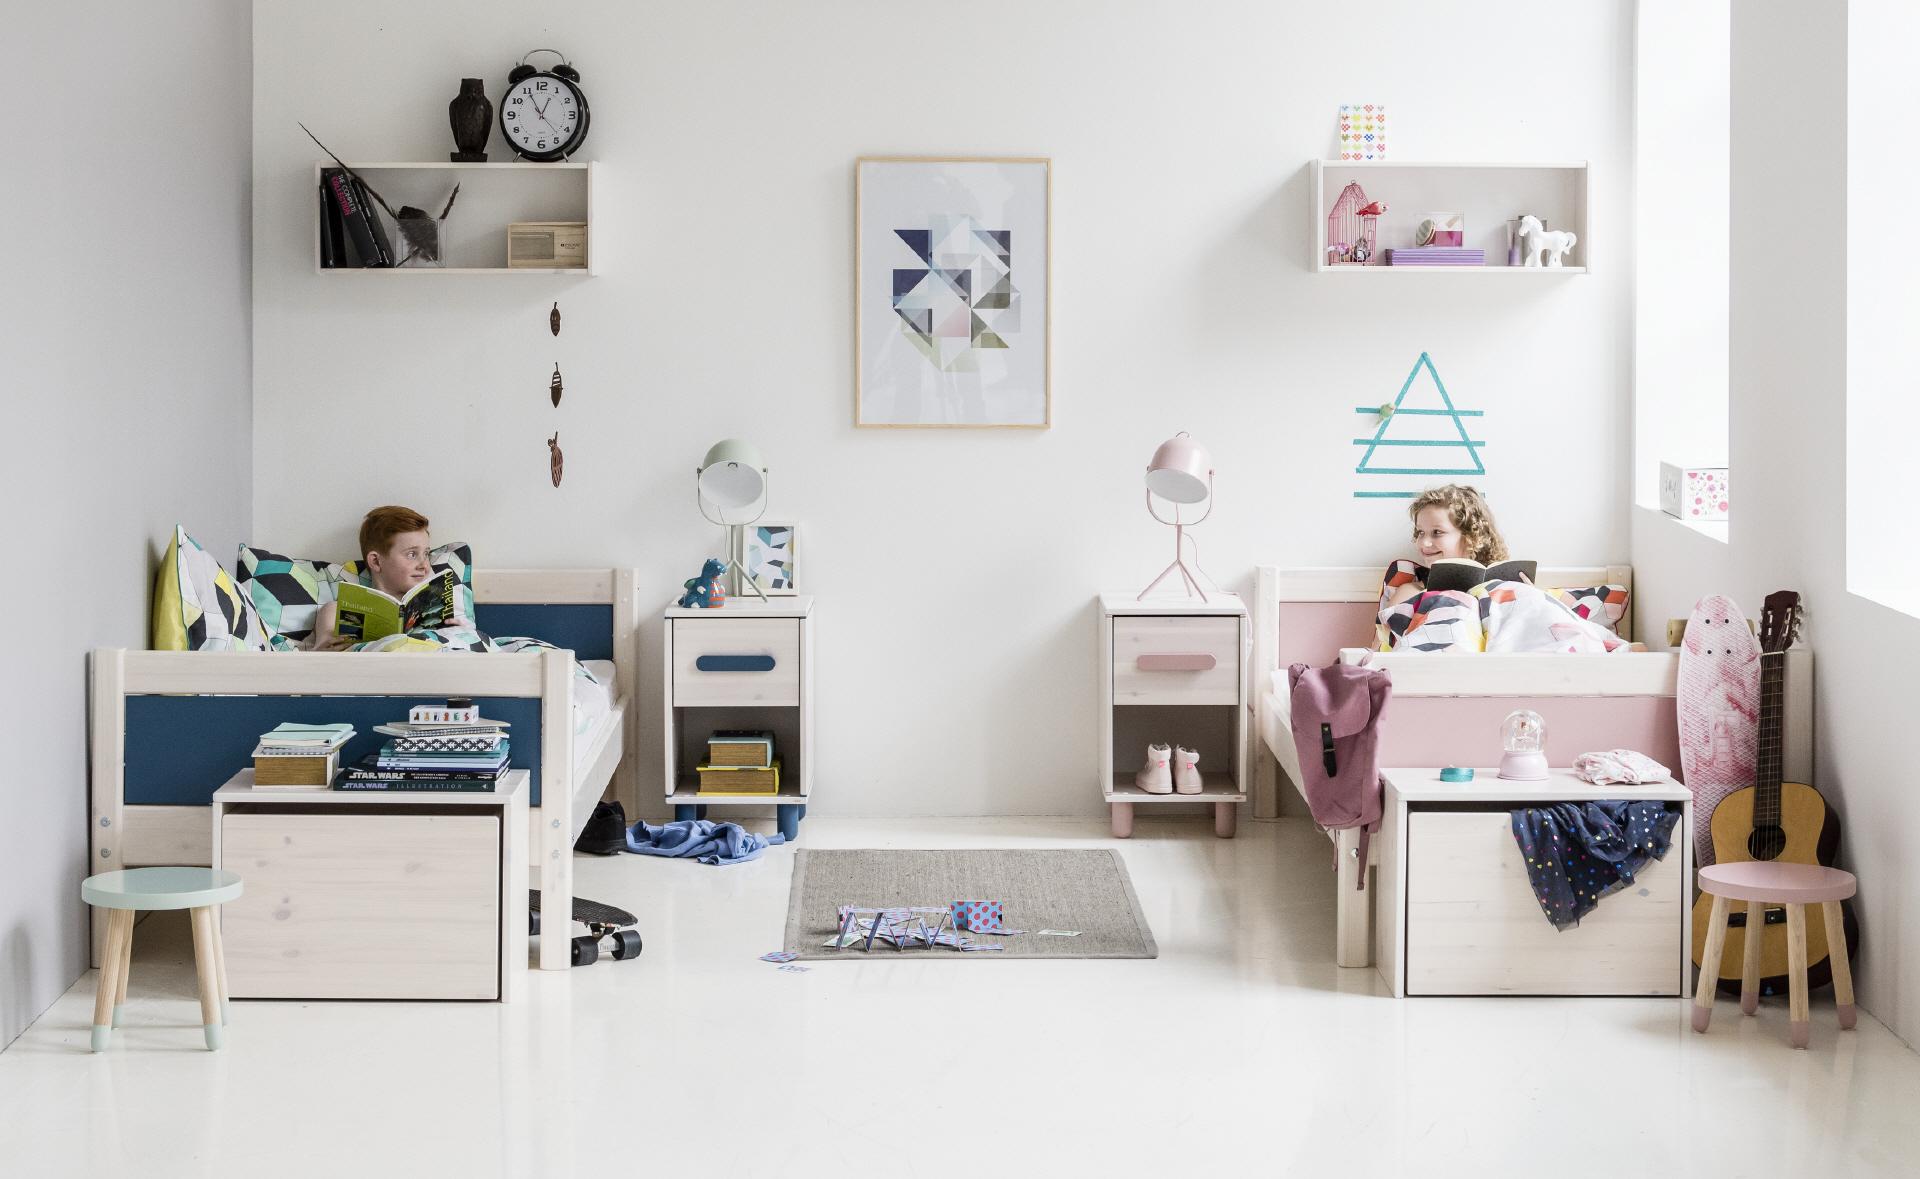 Einzelbett kinder  Einzelbett Kinder | Lilashouse